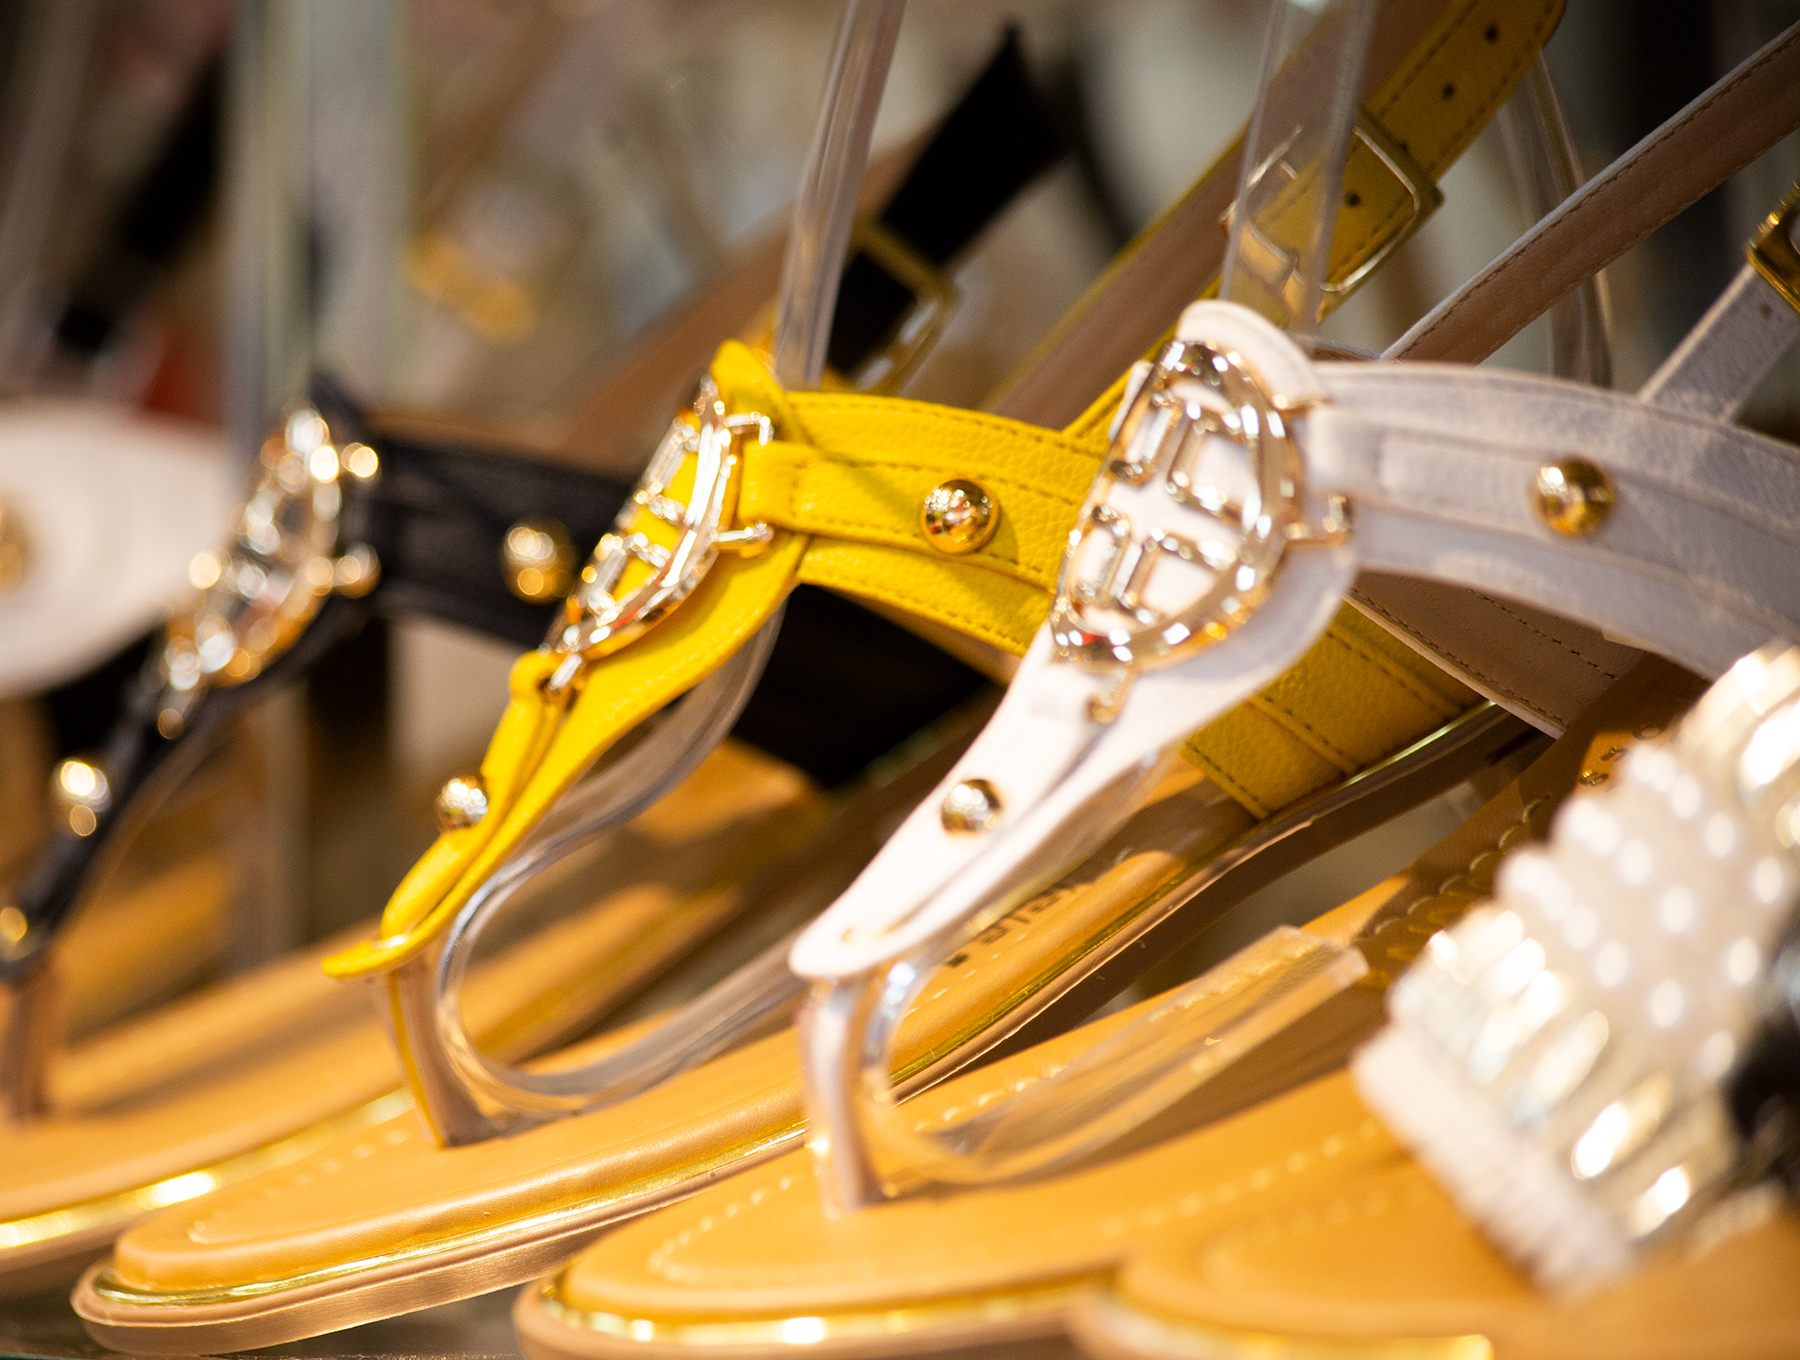 zapatos de la Zapatería en Turbo Calzado Prextigio